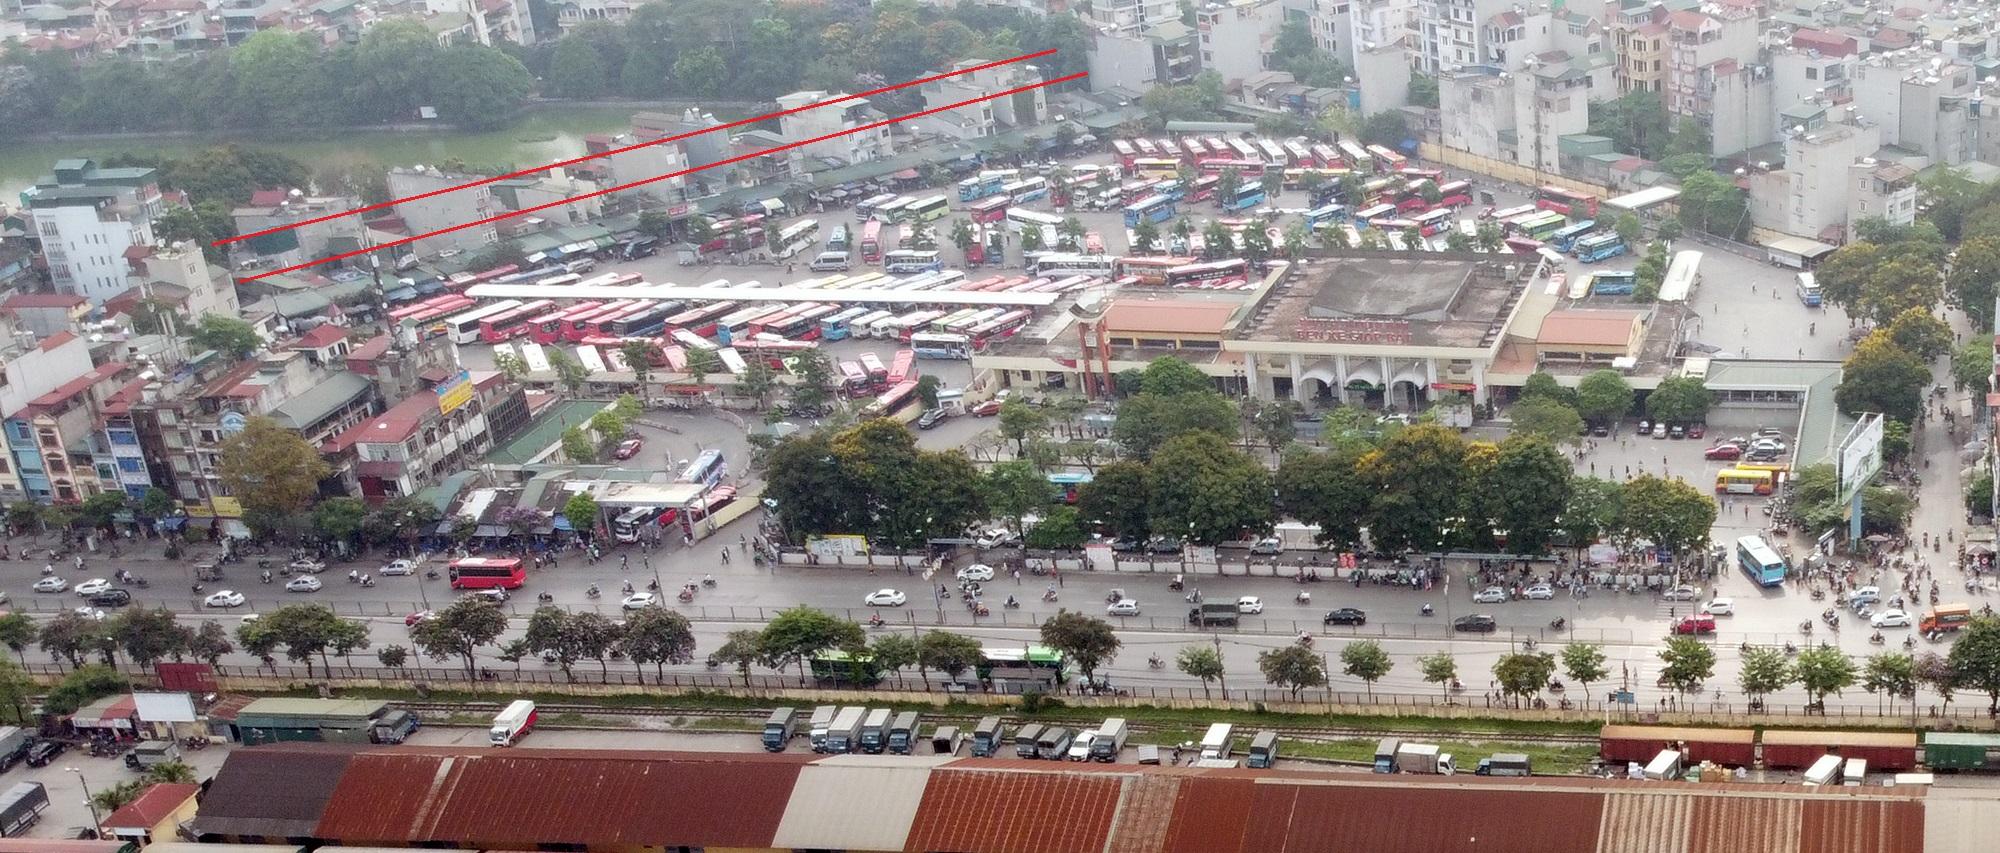 Ba đường sẽ mở theo qui hoạch ở phường Giáp Bát, Hoàng Mai, Hà Nội - Ảnh 13.